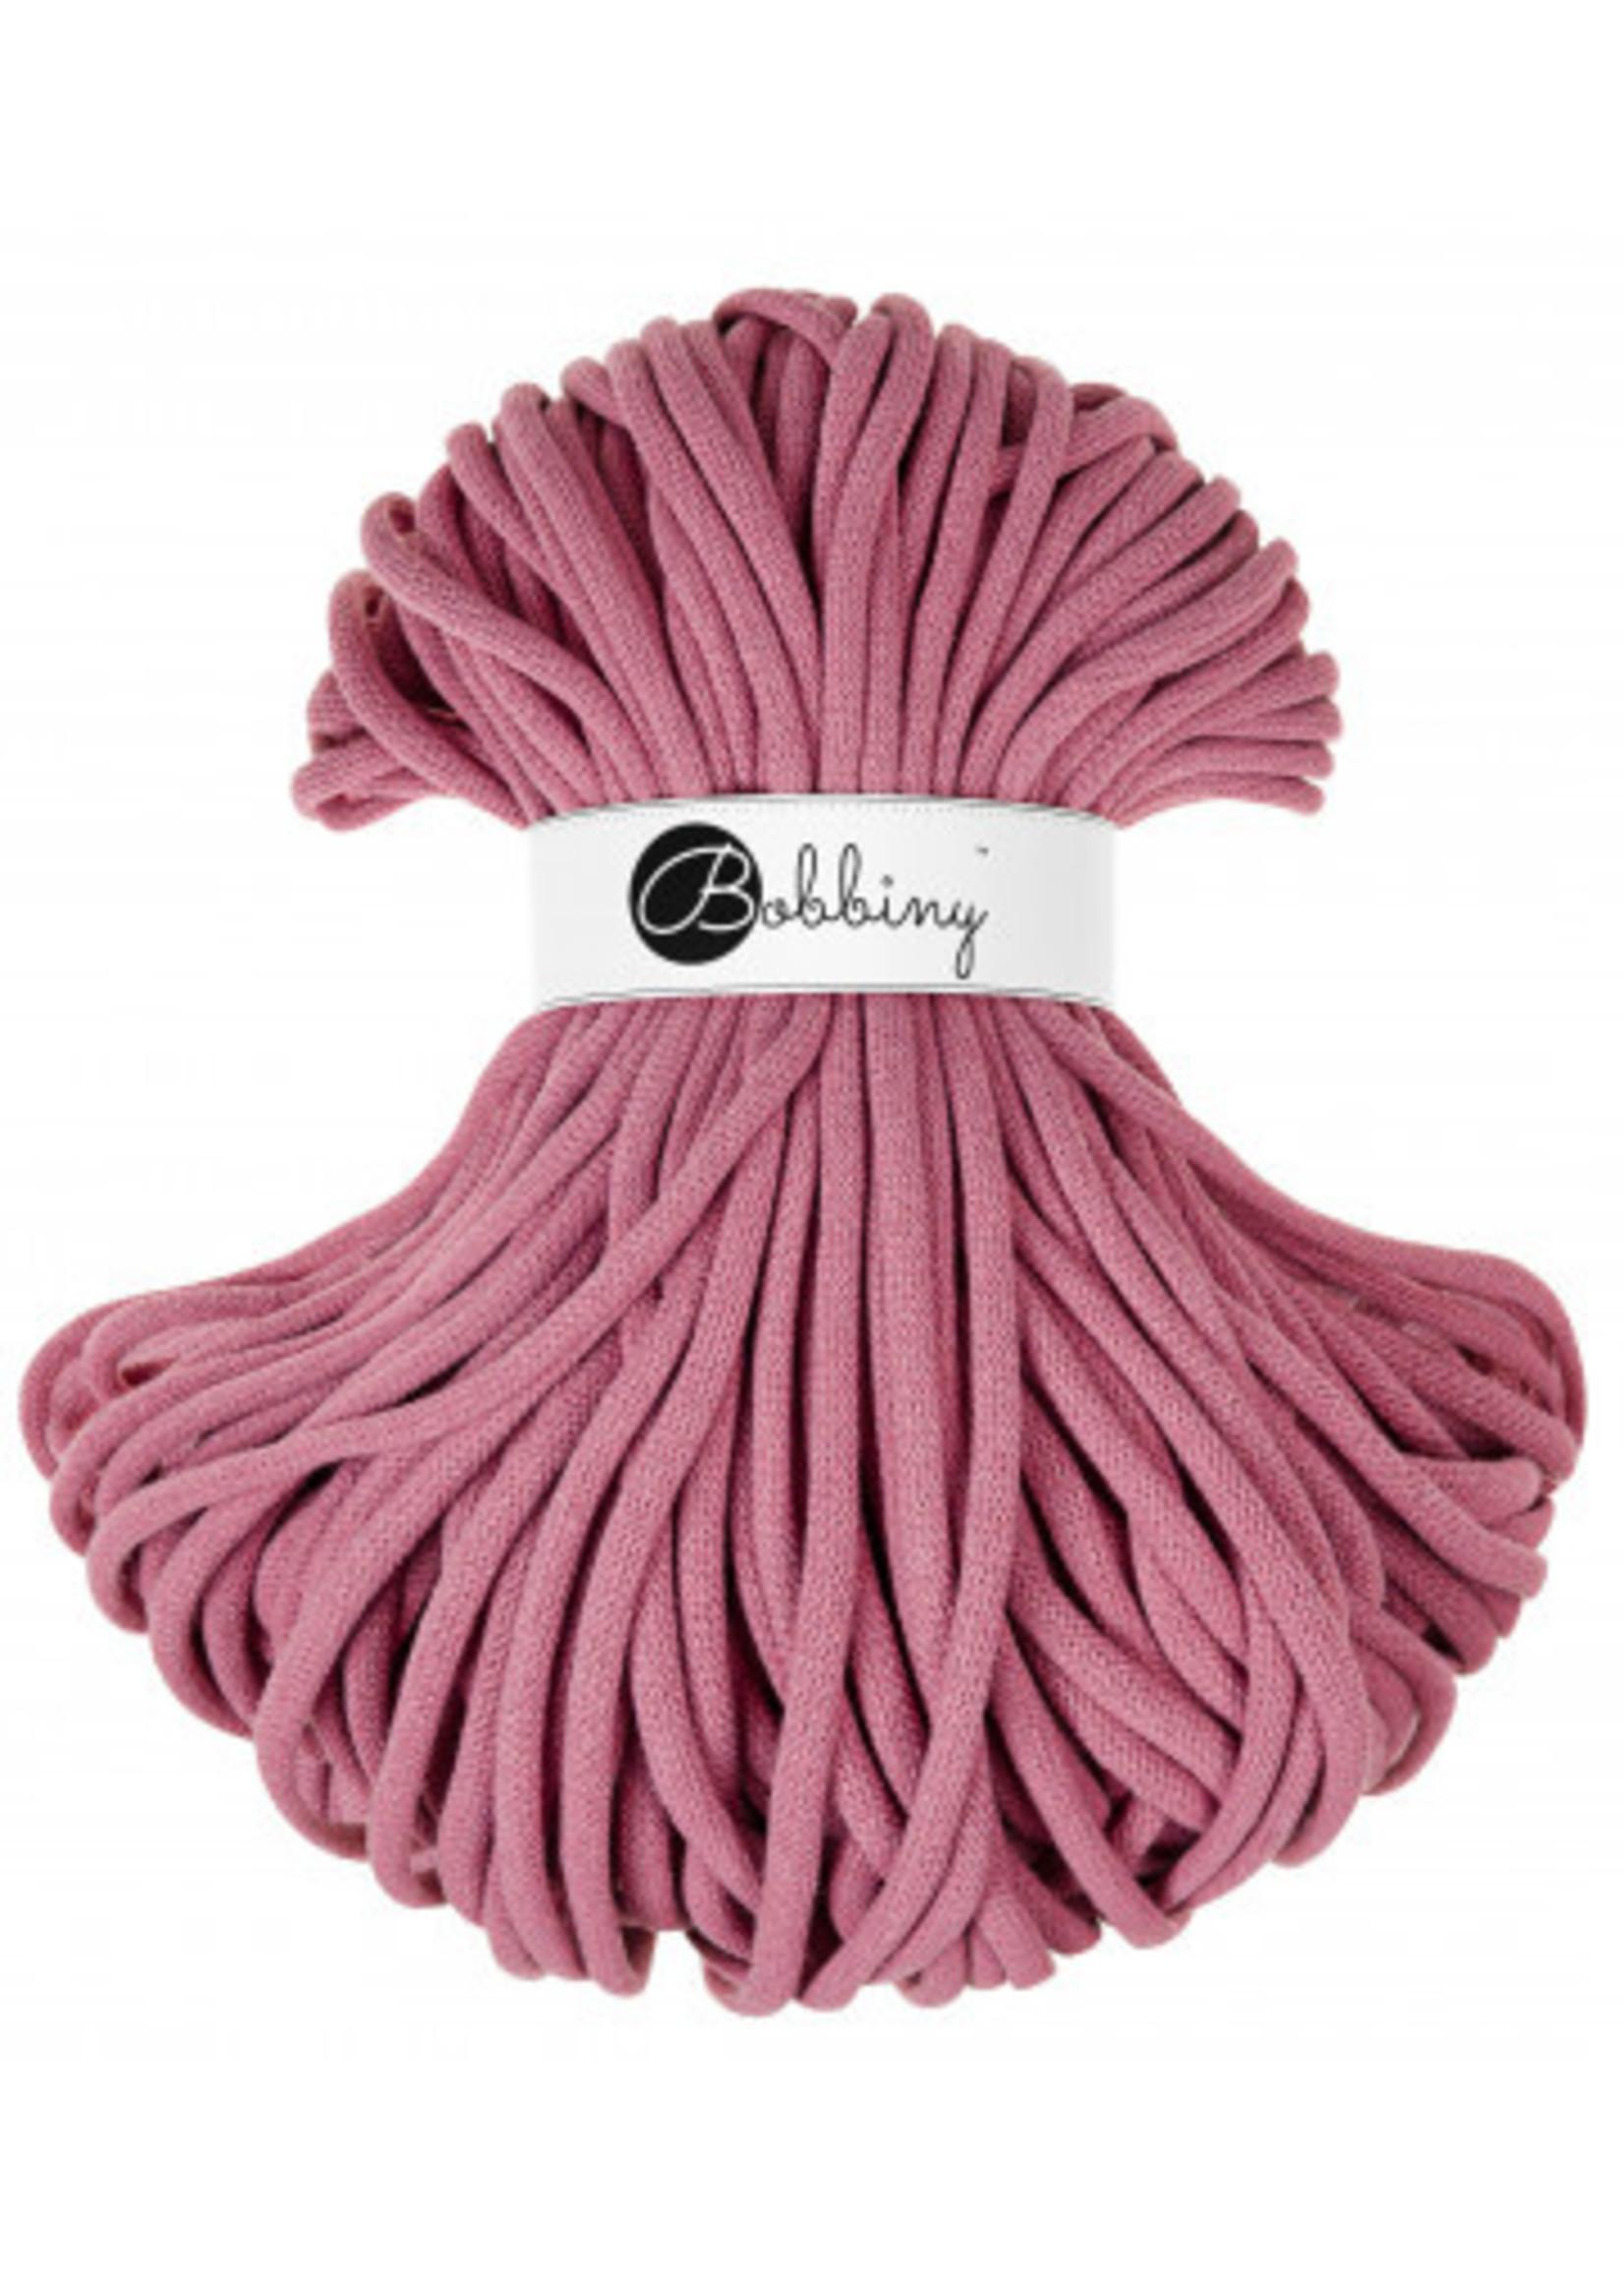 Bobbiny Bobbiny Jumbo - Blossom